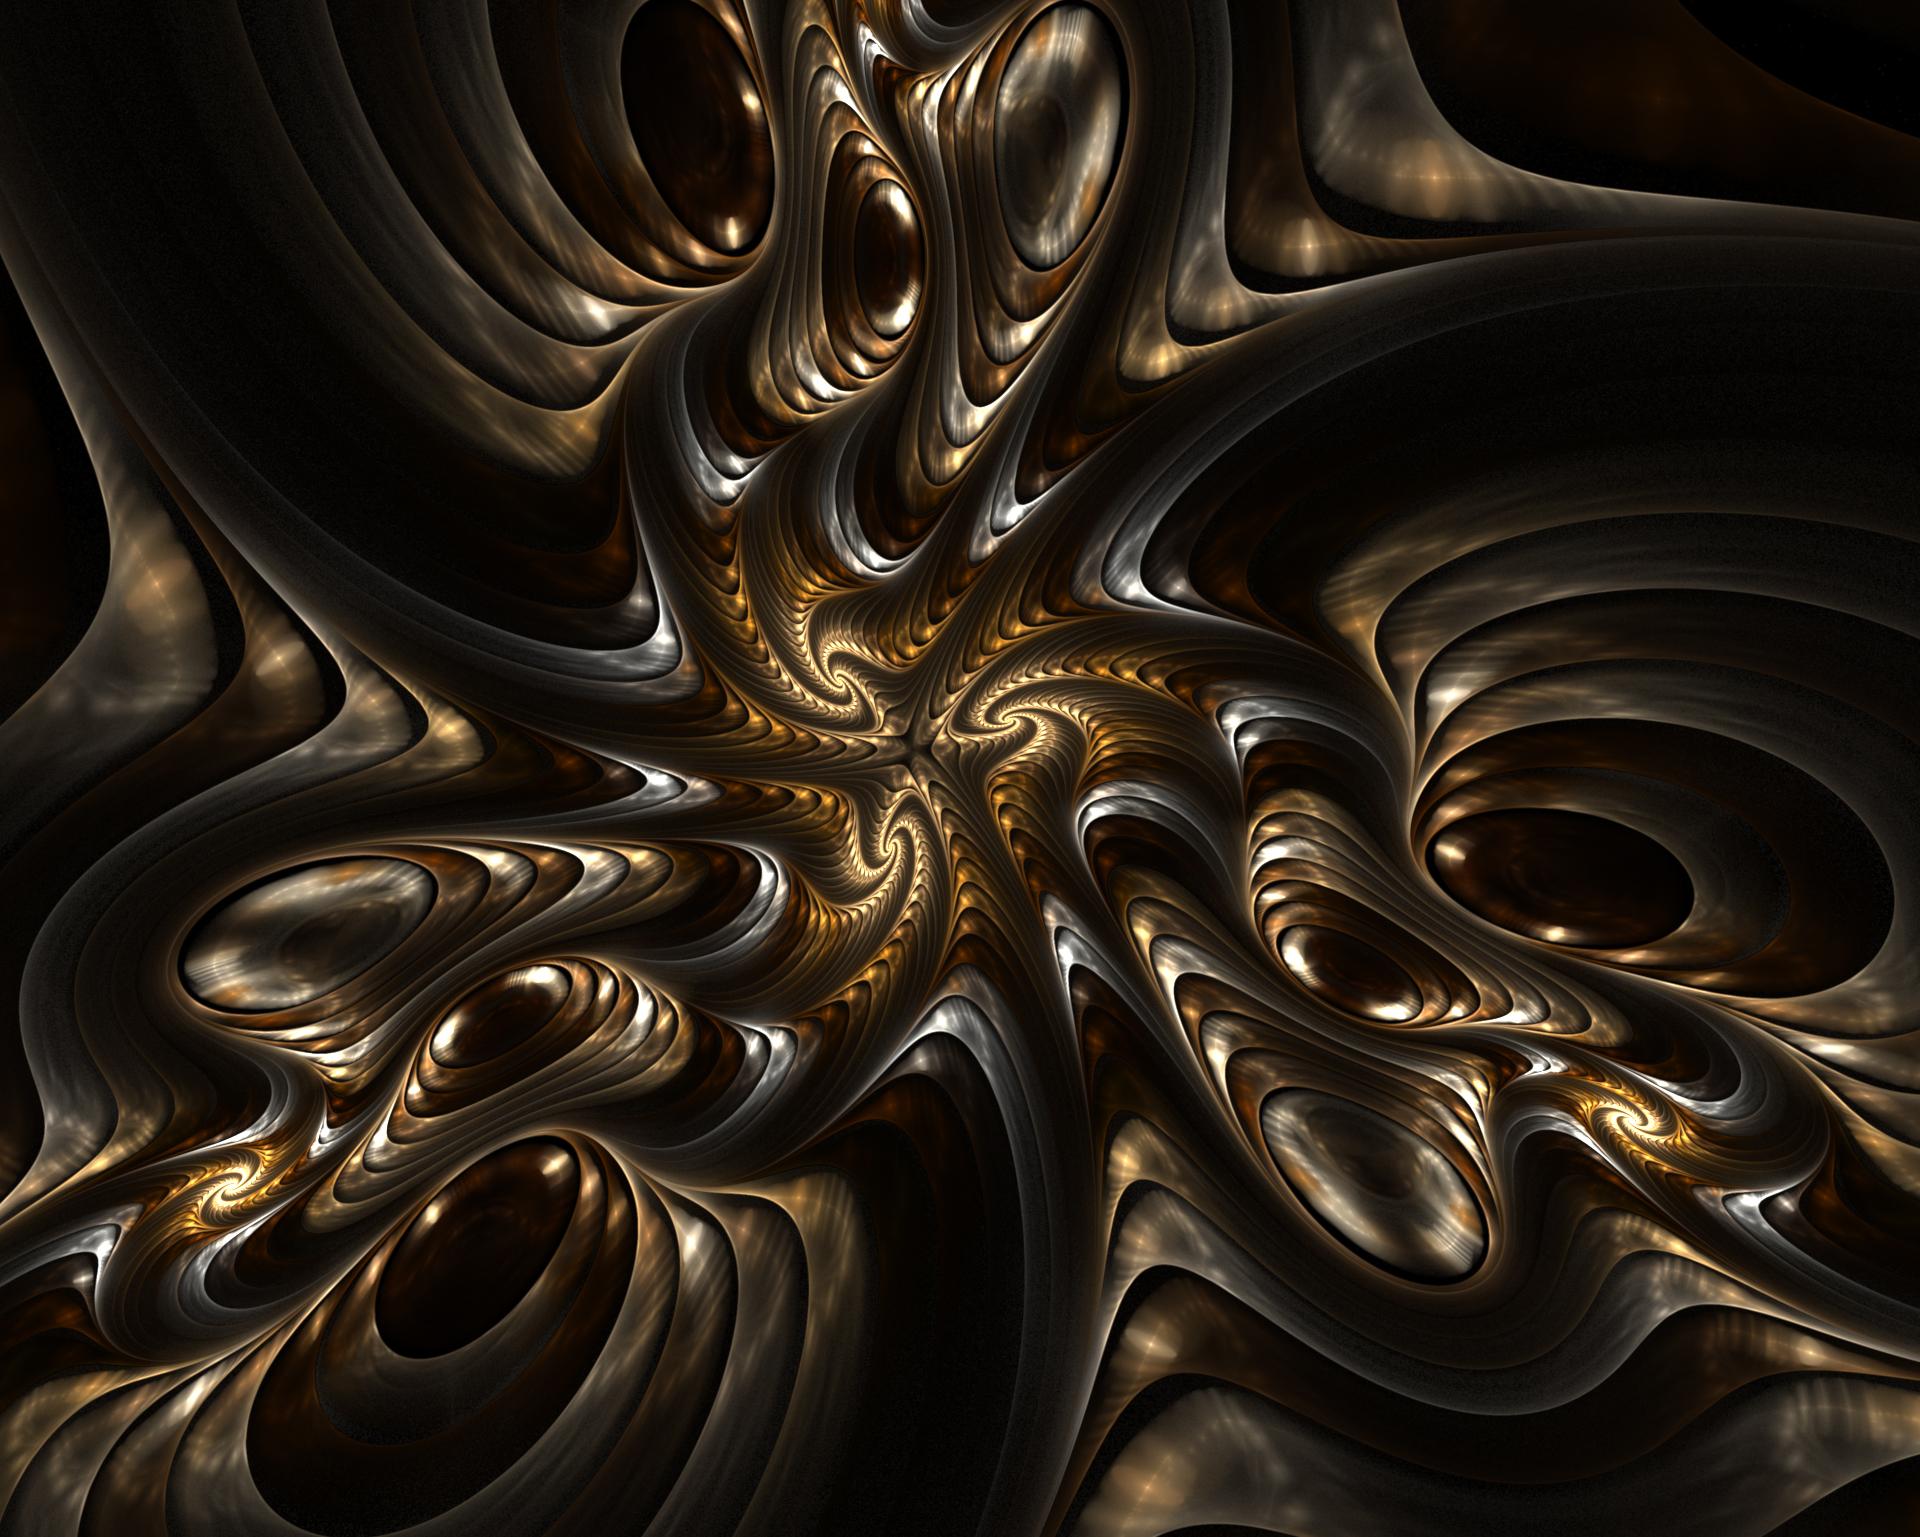 Texture In Art Quotes Quotesgram